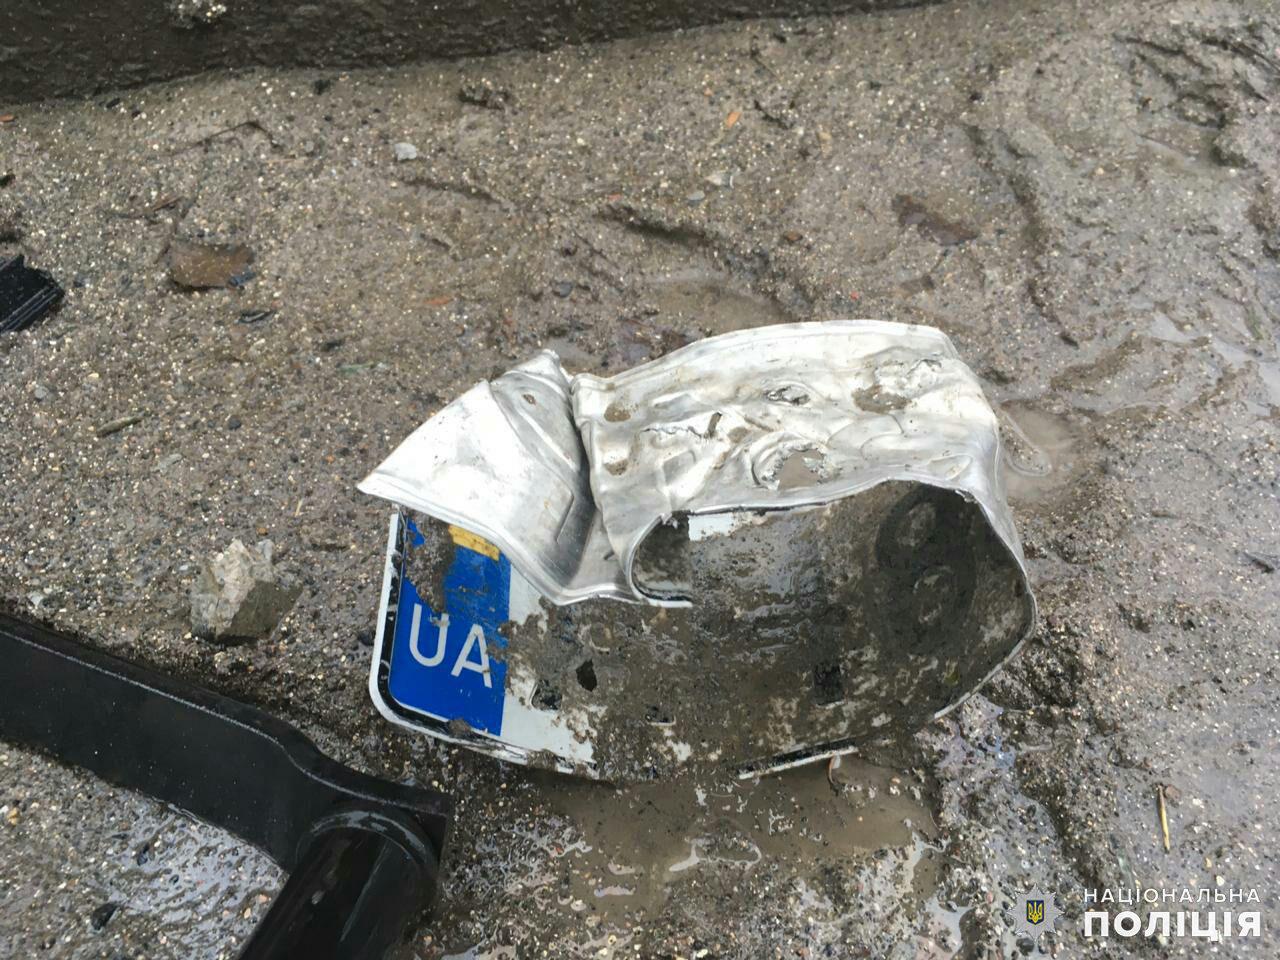 Дружковка: Въехав в лужу, «Шкода» потеряла управление и перевернулась прямо напротив столовой огнеупорного завода (ФОТО), фото-5